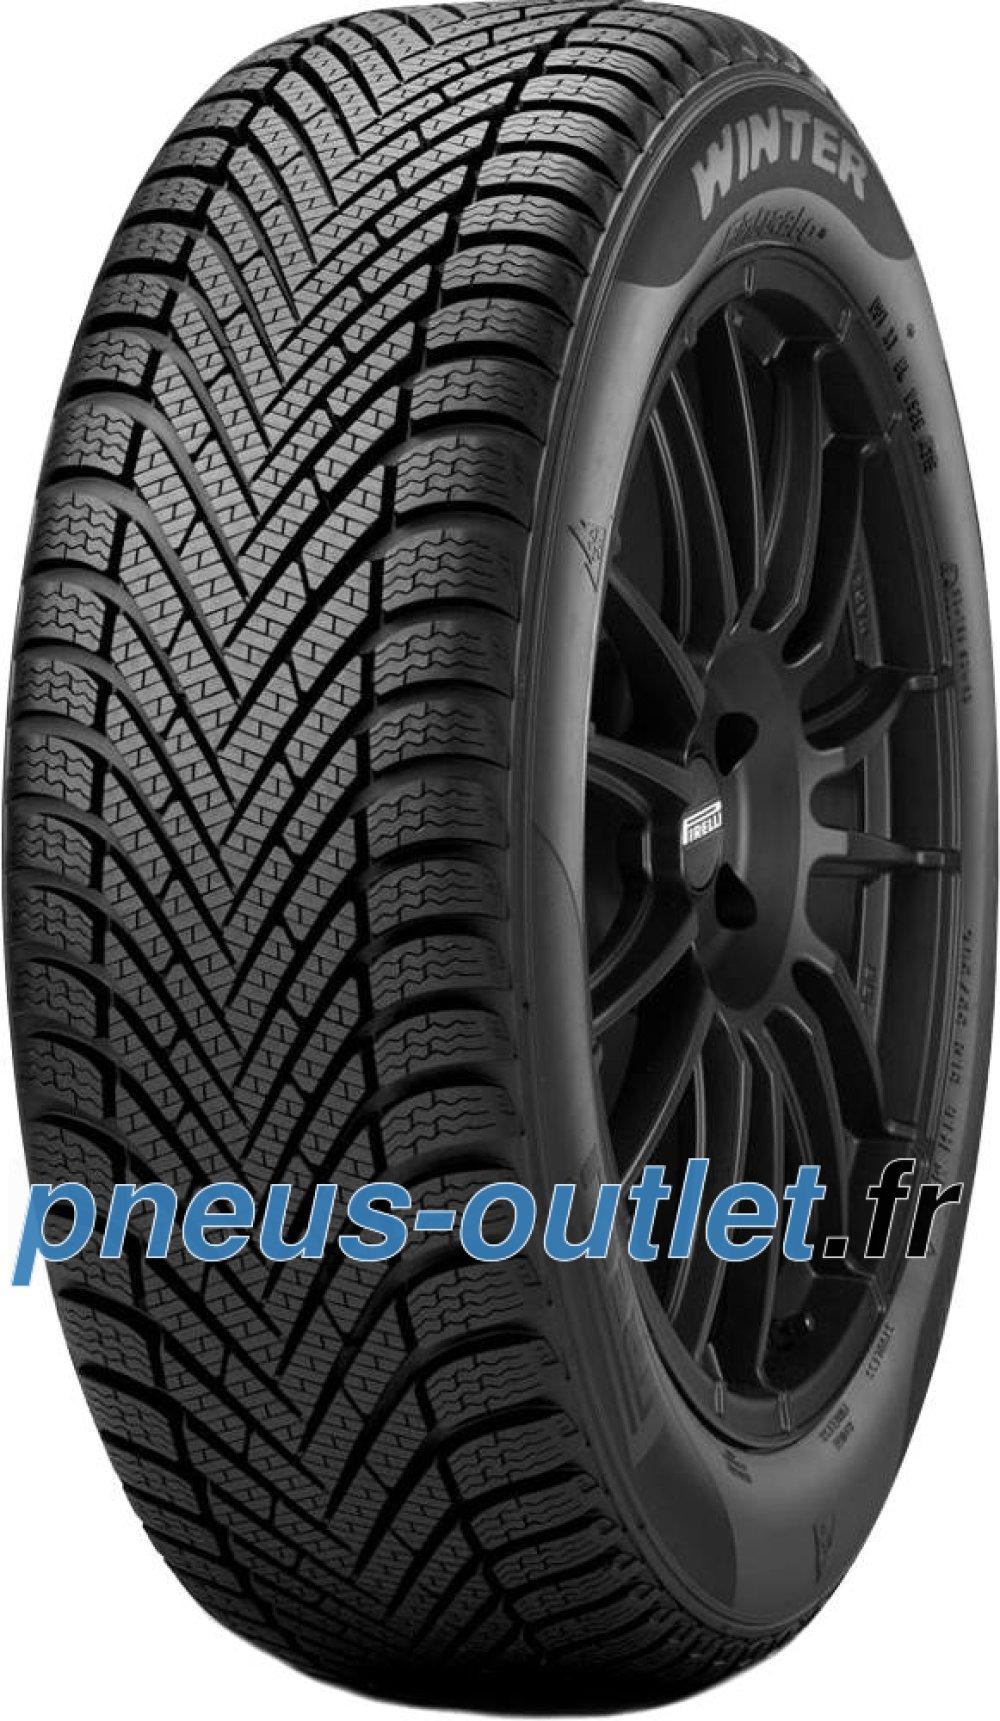 Pirelli Cinturato Winter ( 205/55 R16 94H XL )